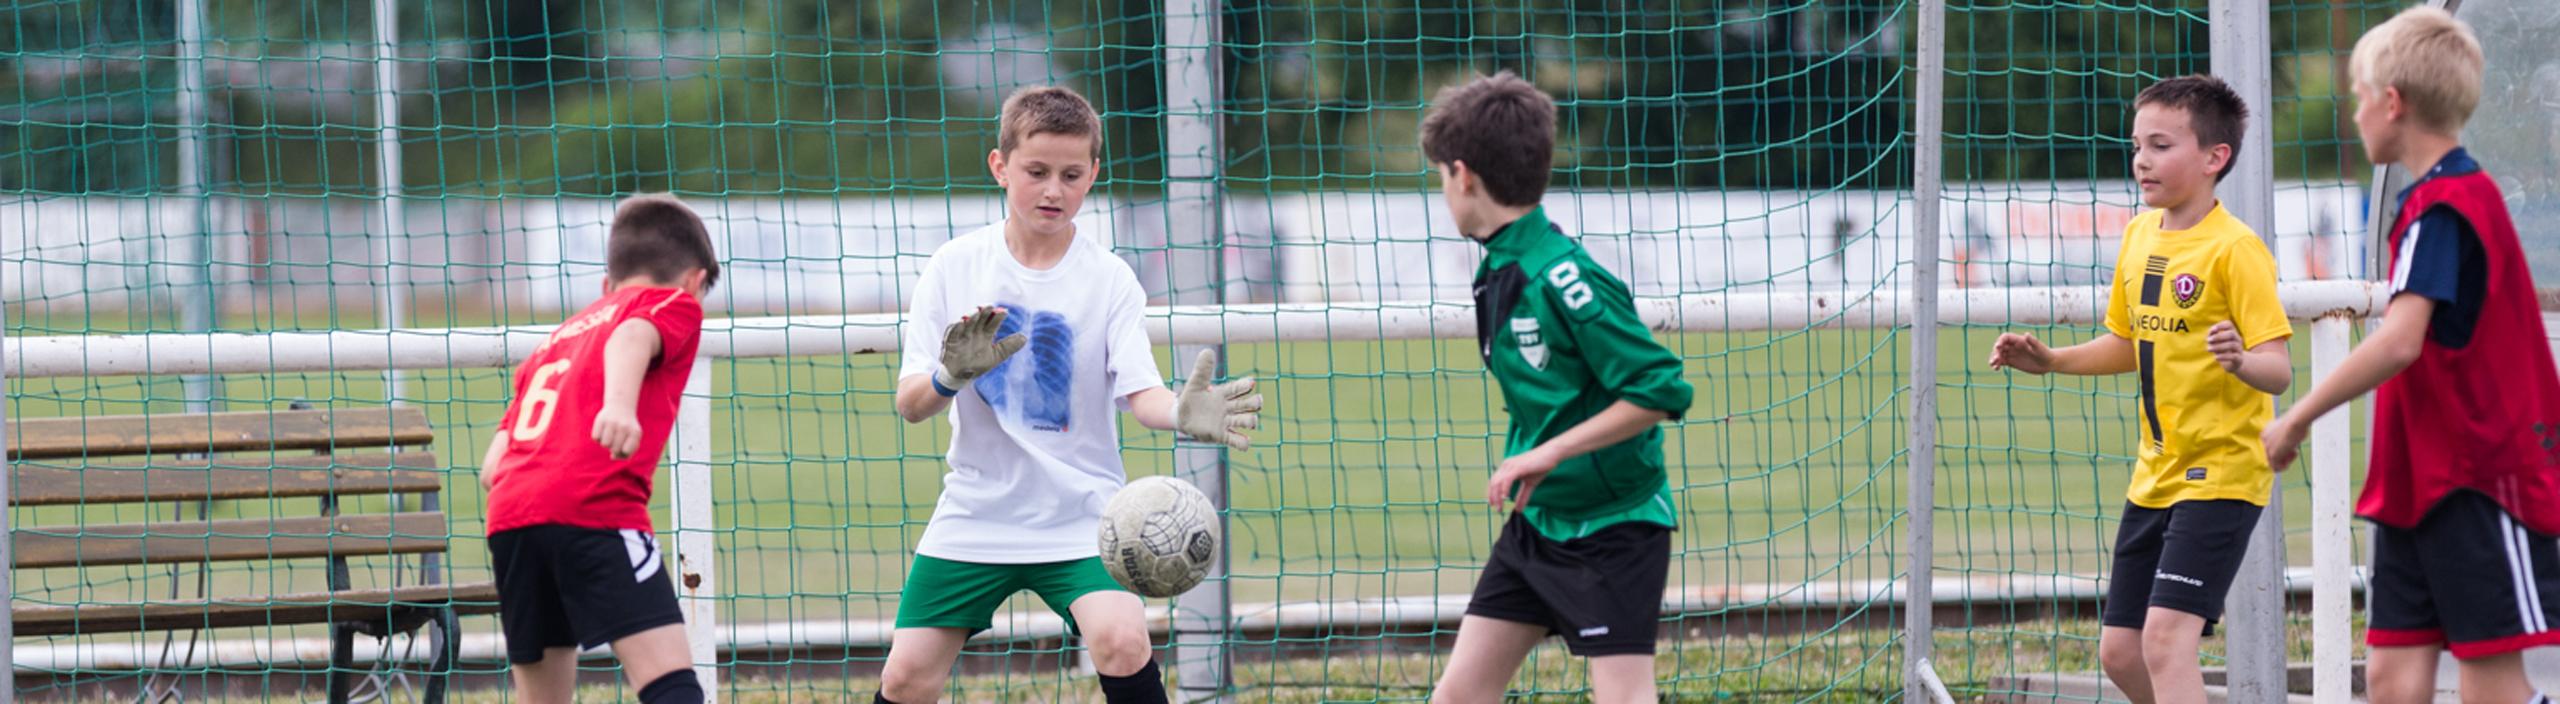 Kinderfußball: Wenn die Angst dem Kicken im Weg steht